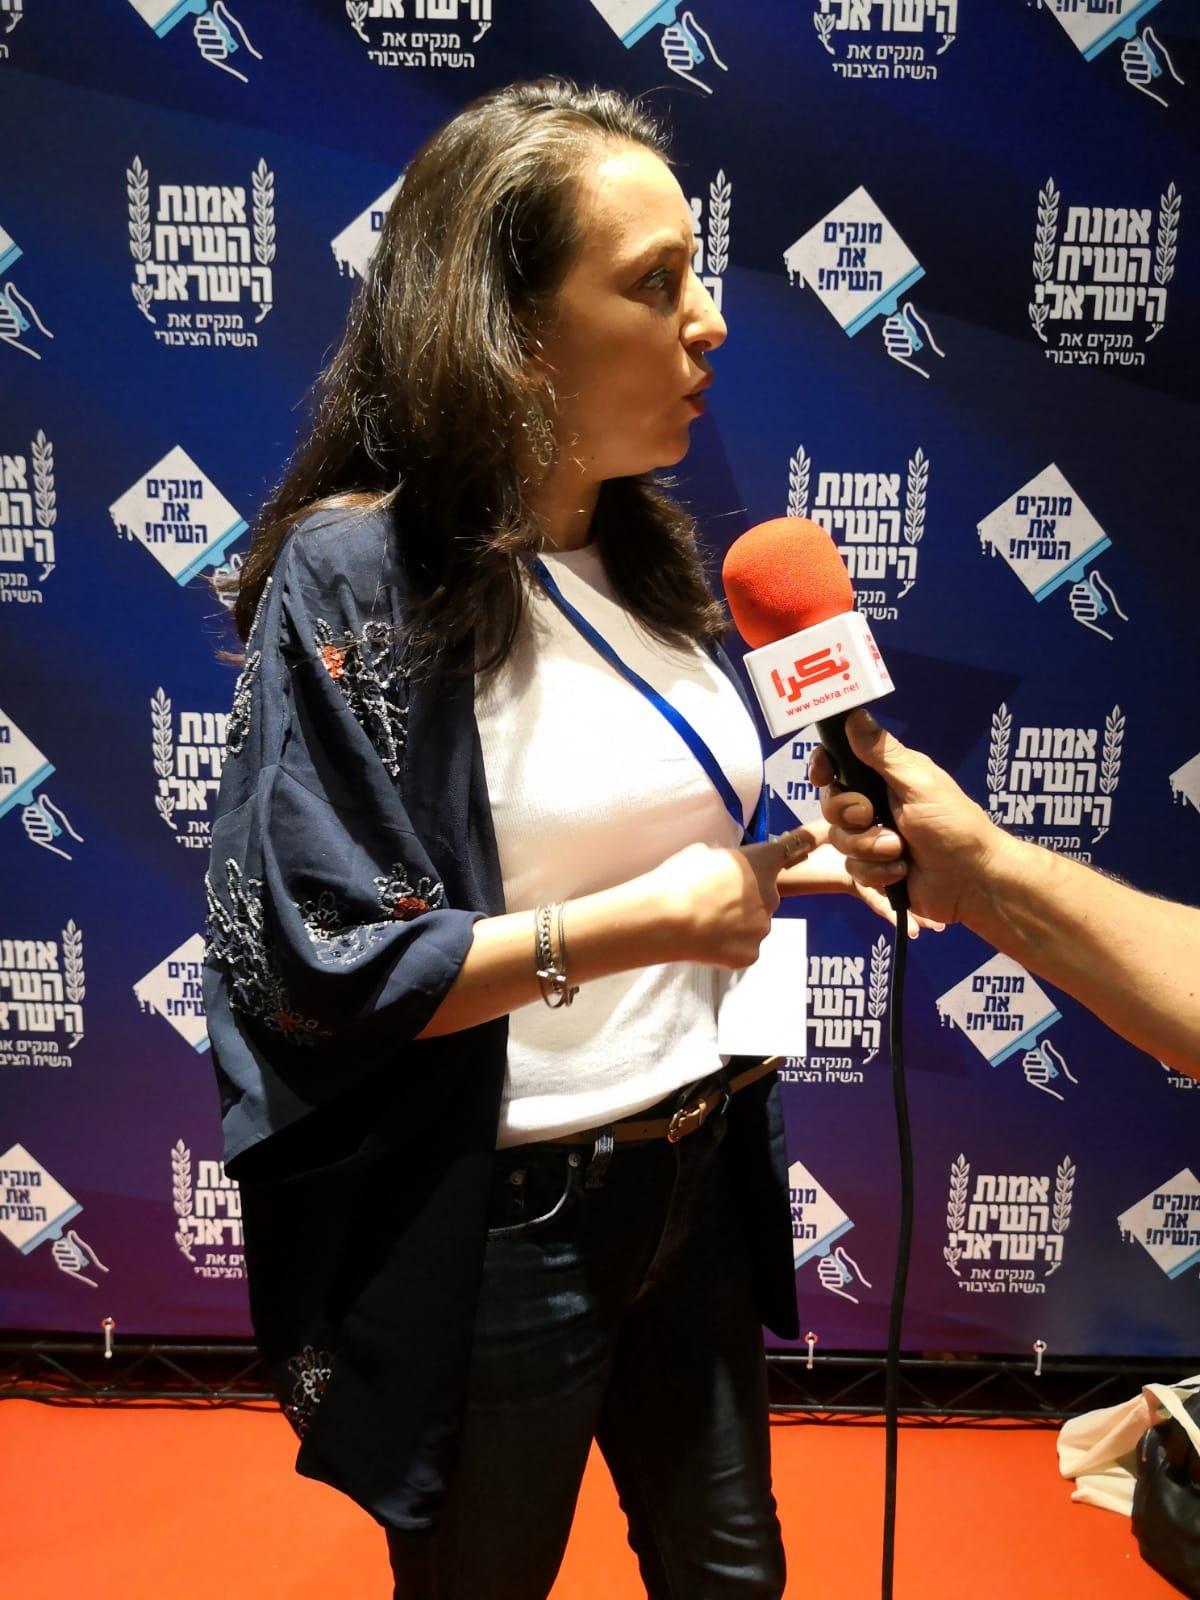 الإعلامية لوسي هريش: حل قضايا مجتمعنا يأتي من داخلنا، وليس من الآخرين!